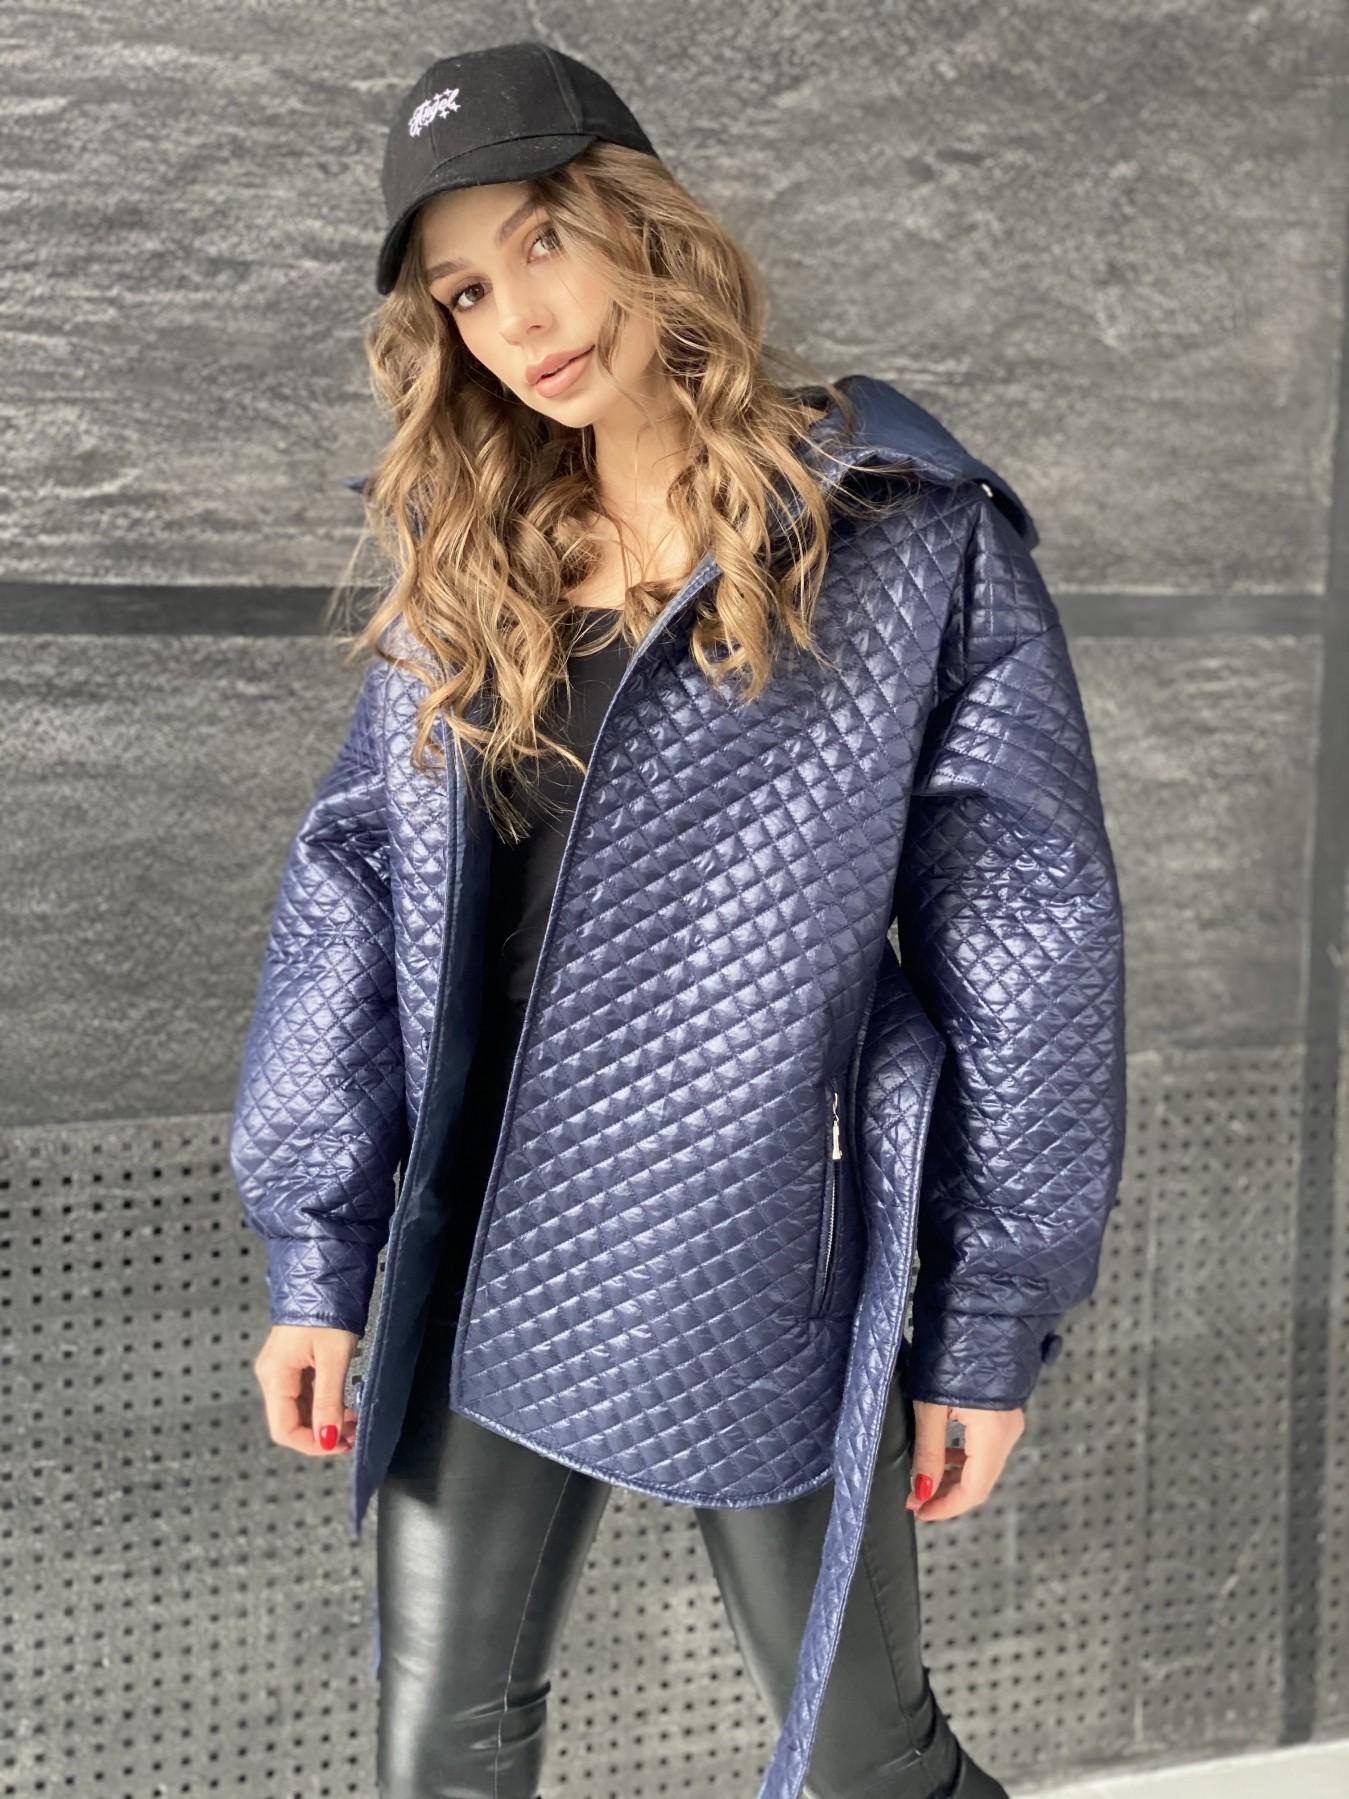 купить куртки женские Пазл стеганая куртка из плащевой ткани  10933